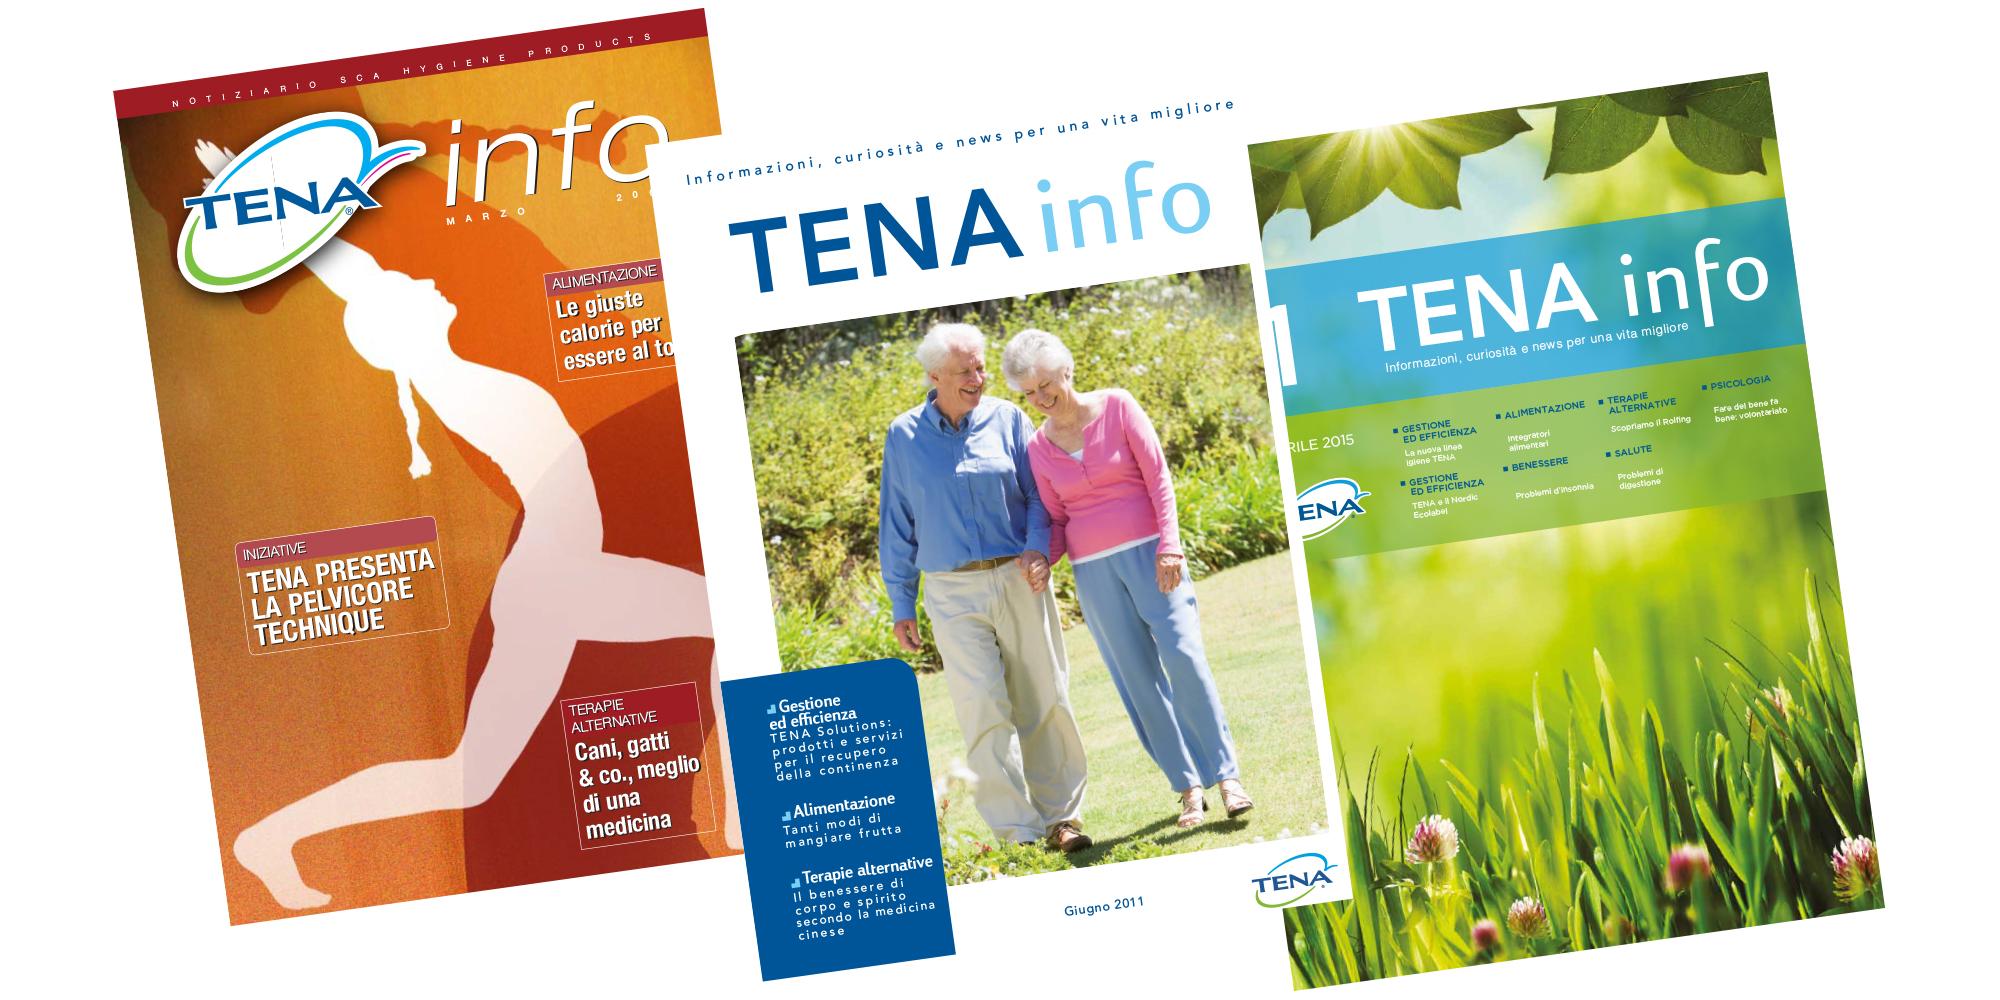 TENA-INFO-IMG-1.jpg